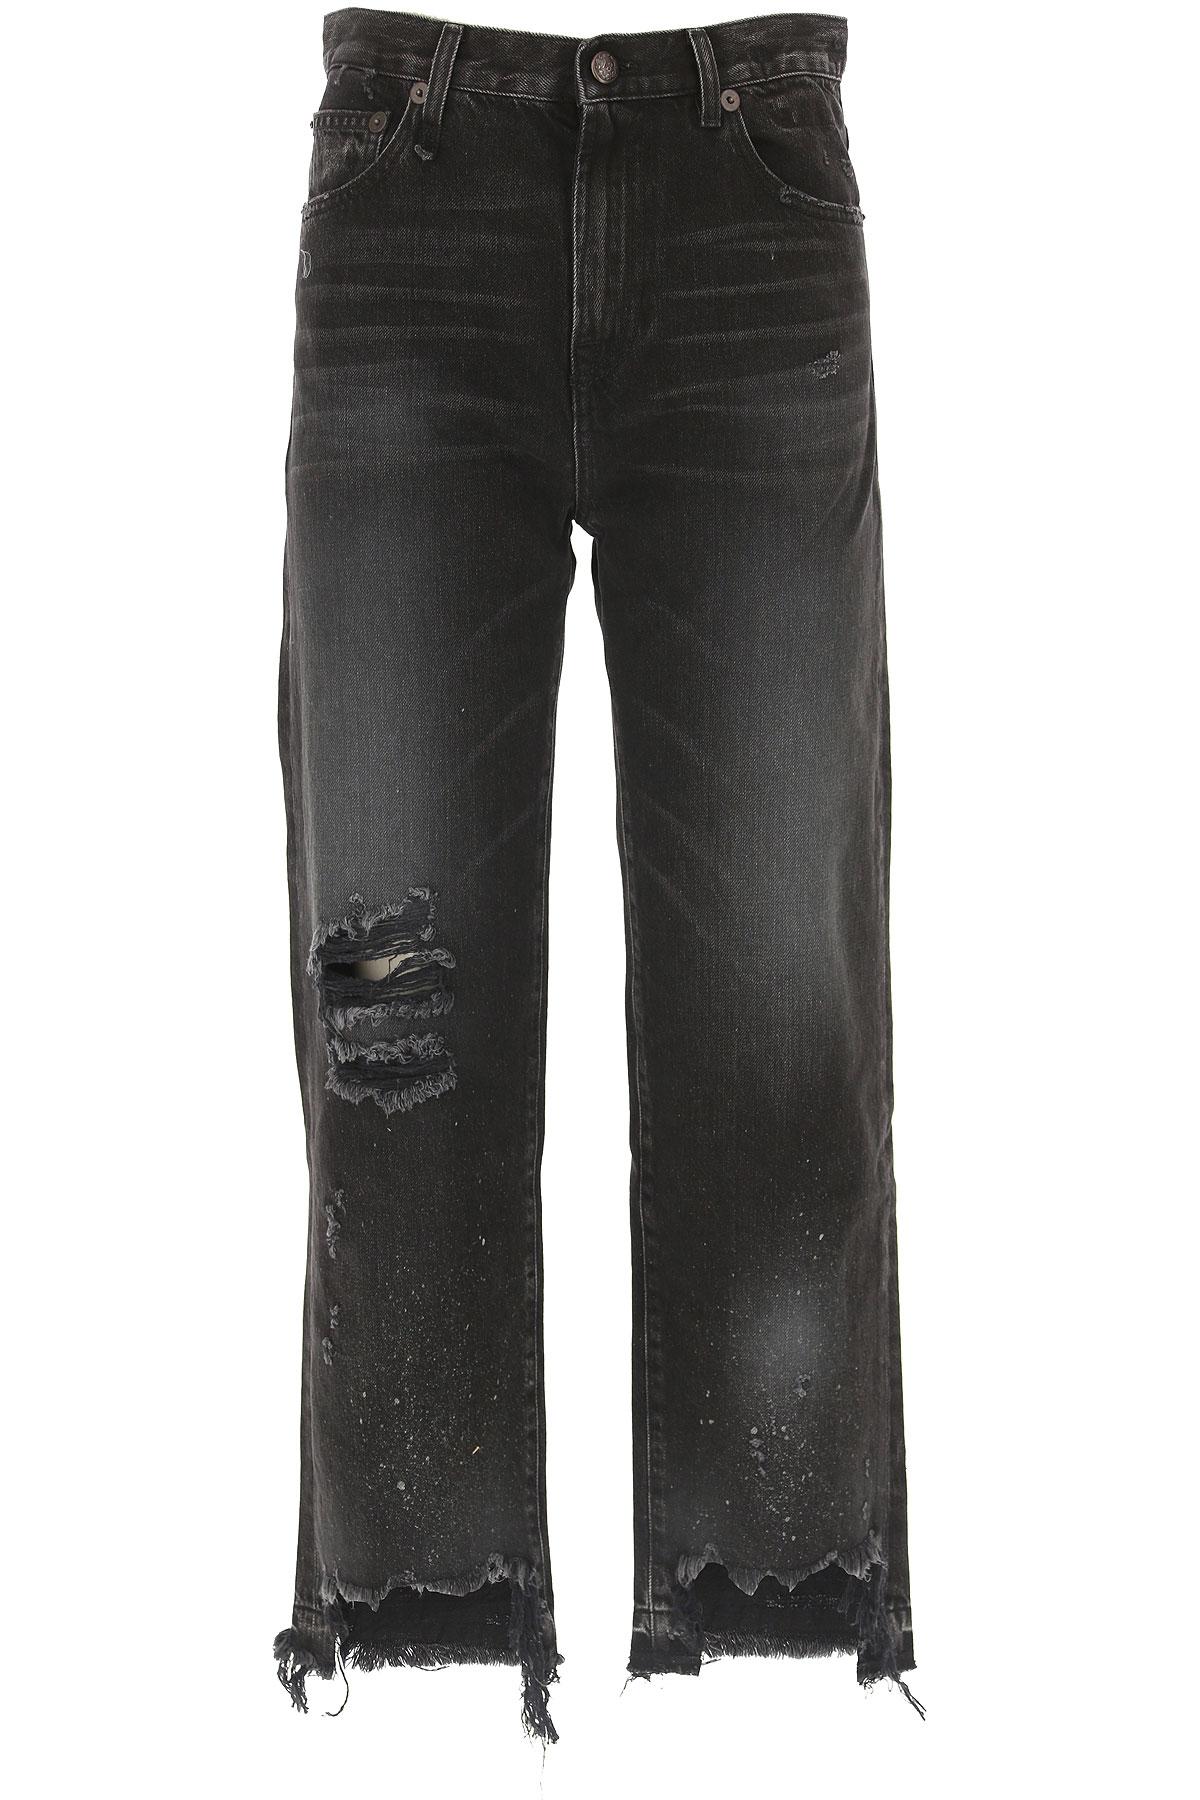 R13 Jeans On Sale, Ash Denim Black, Cotton, 2019, 25 27